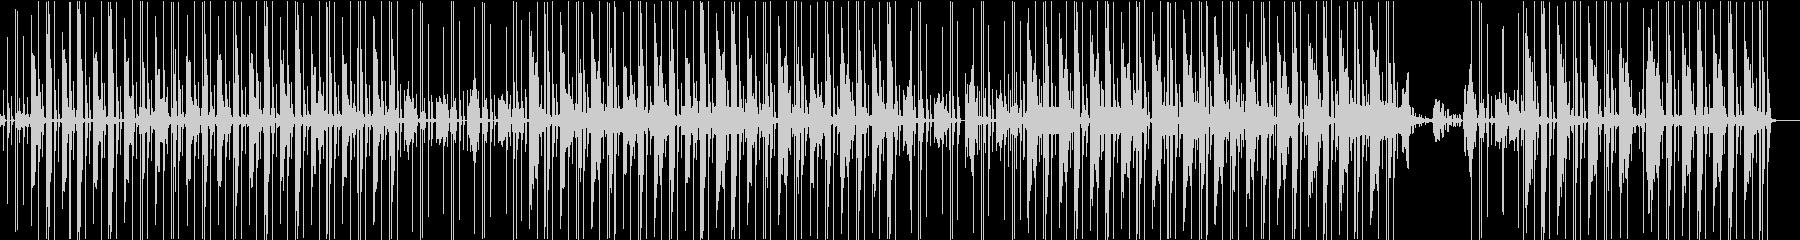 ヒップホップ風エレクトロニックファンクの未再生の波形